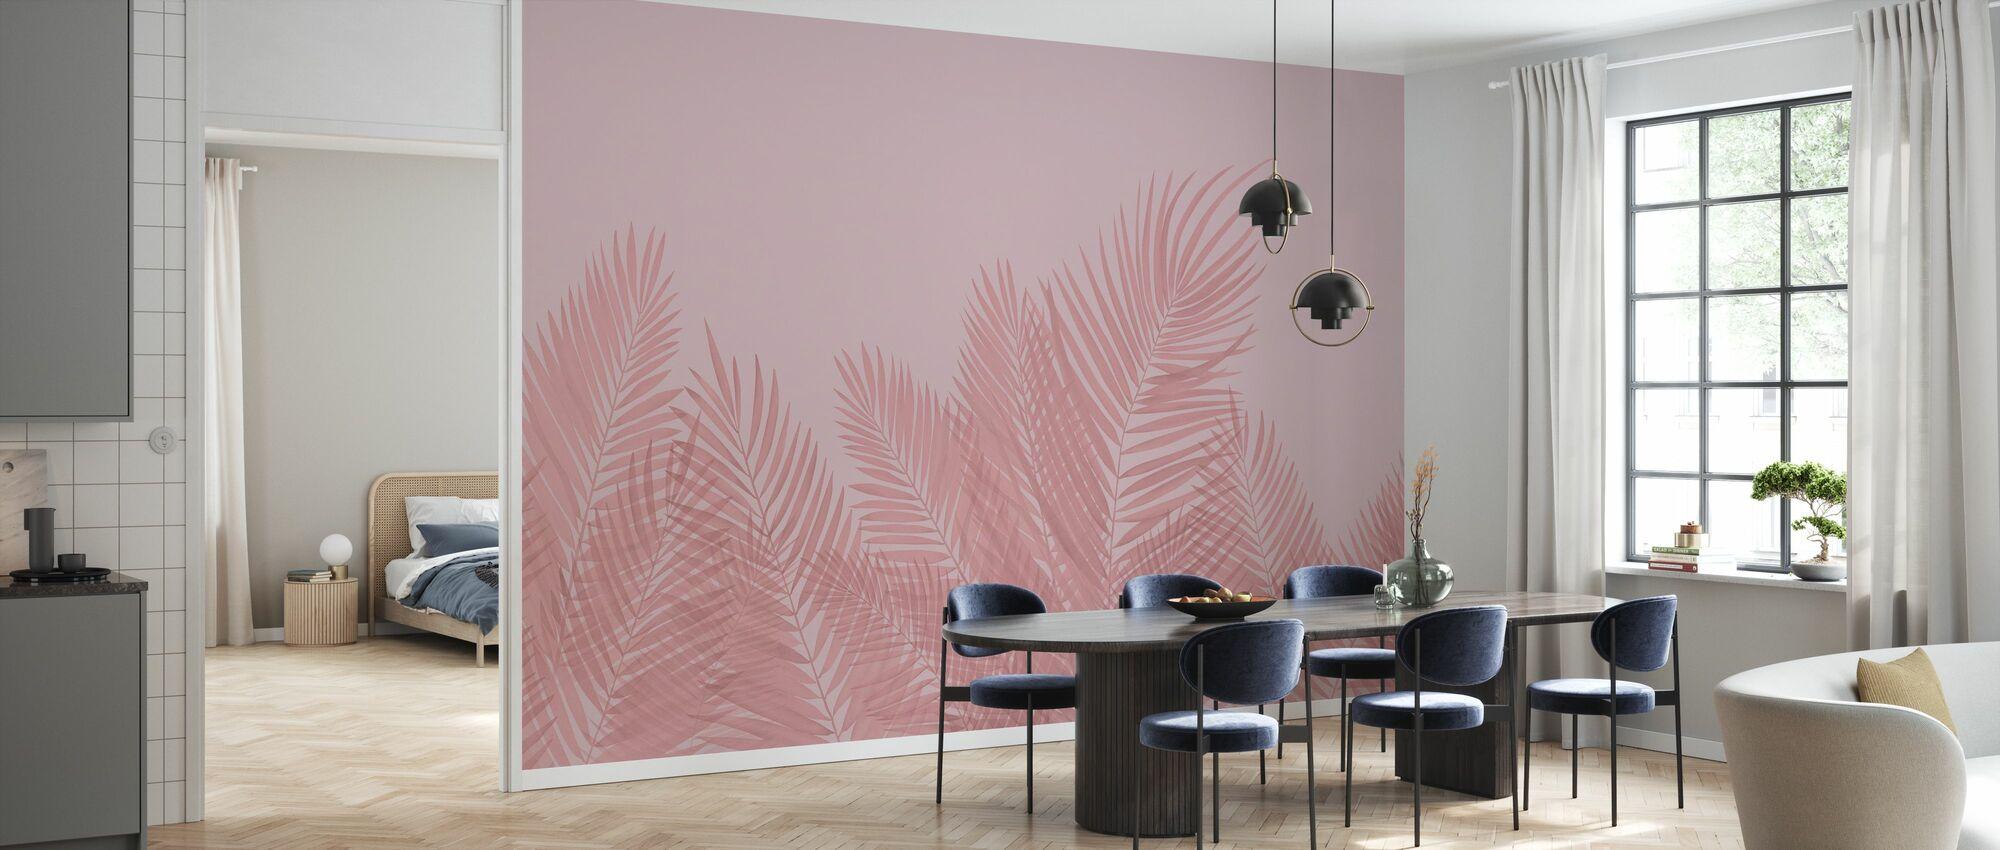 Svaiende Palm blader - rosa - Tapet - Kjøkken